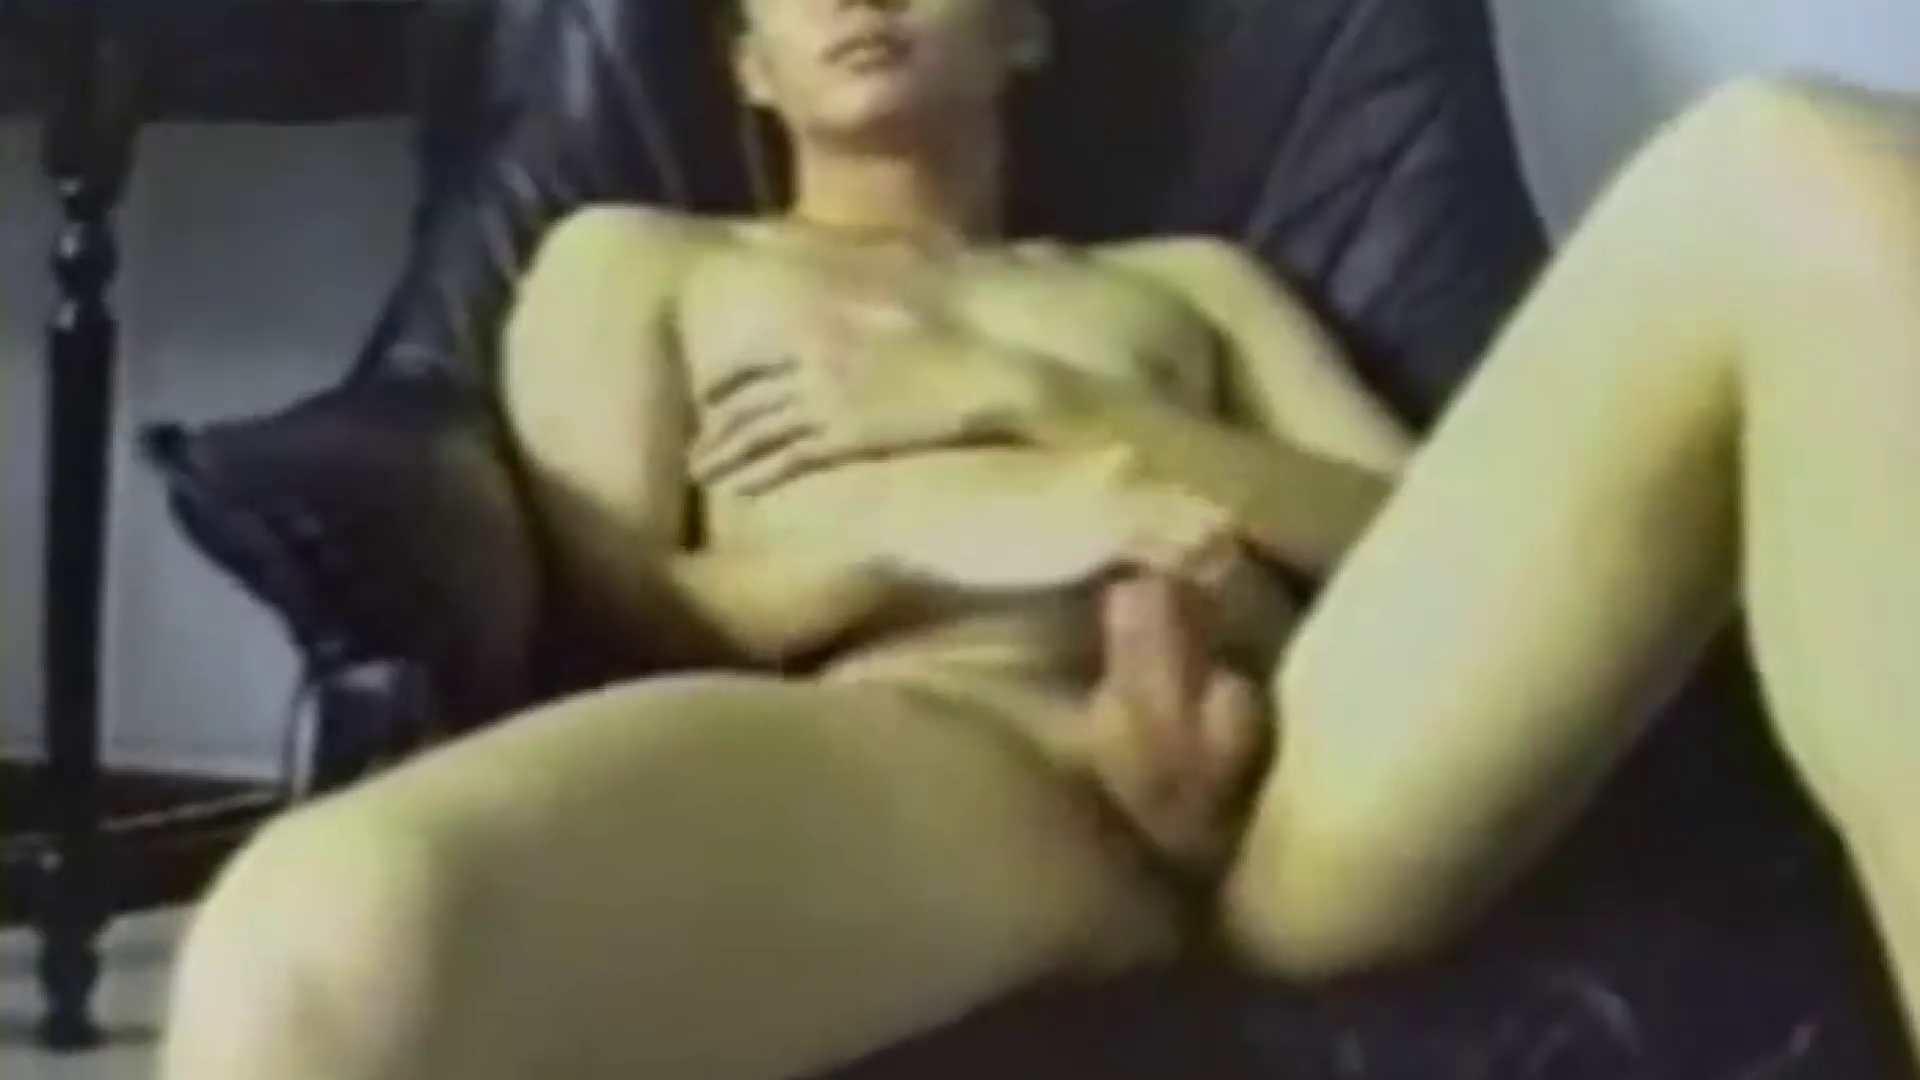 巨根 オナニー塾Vol.19 オナニー アダルトビデオ画像キャプチャ 73枚 66